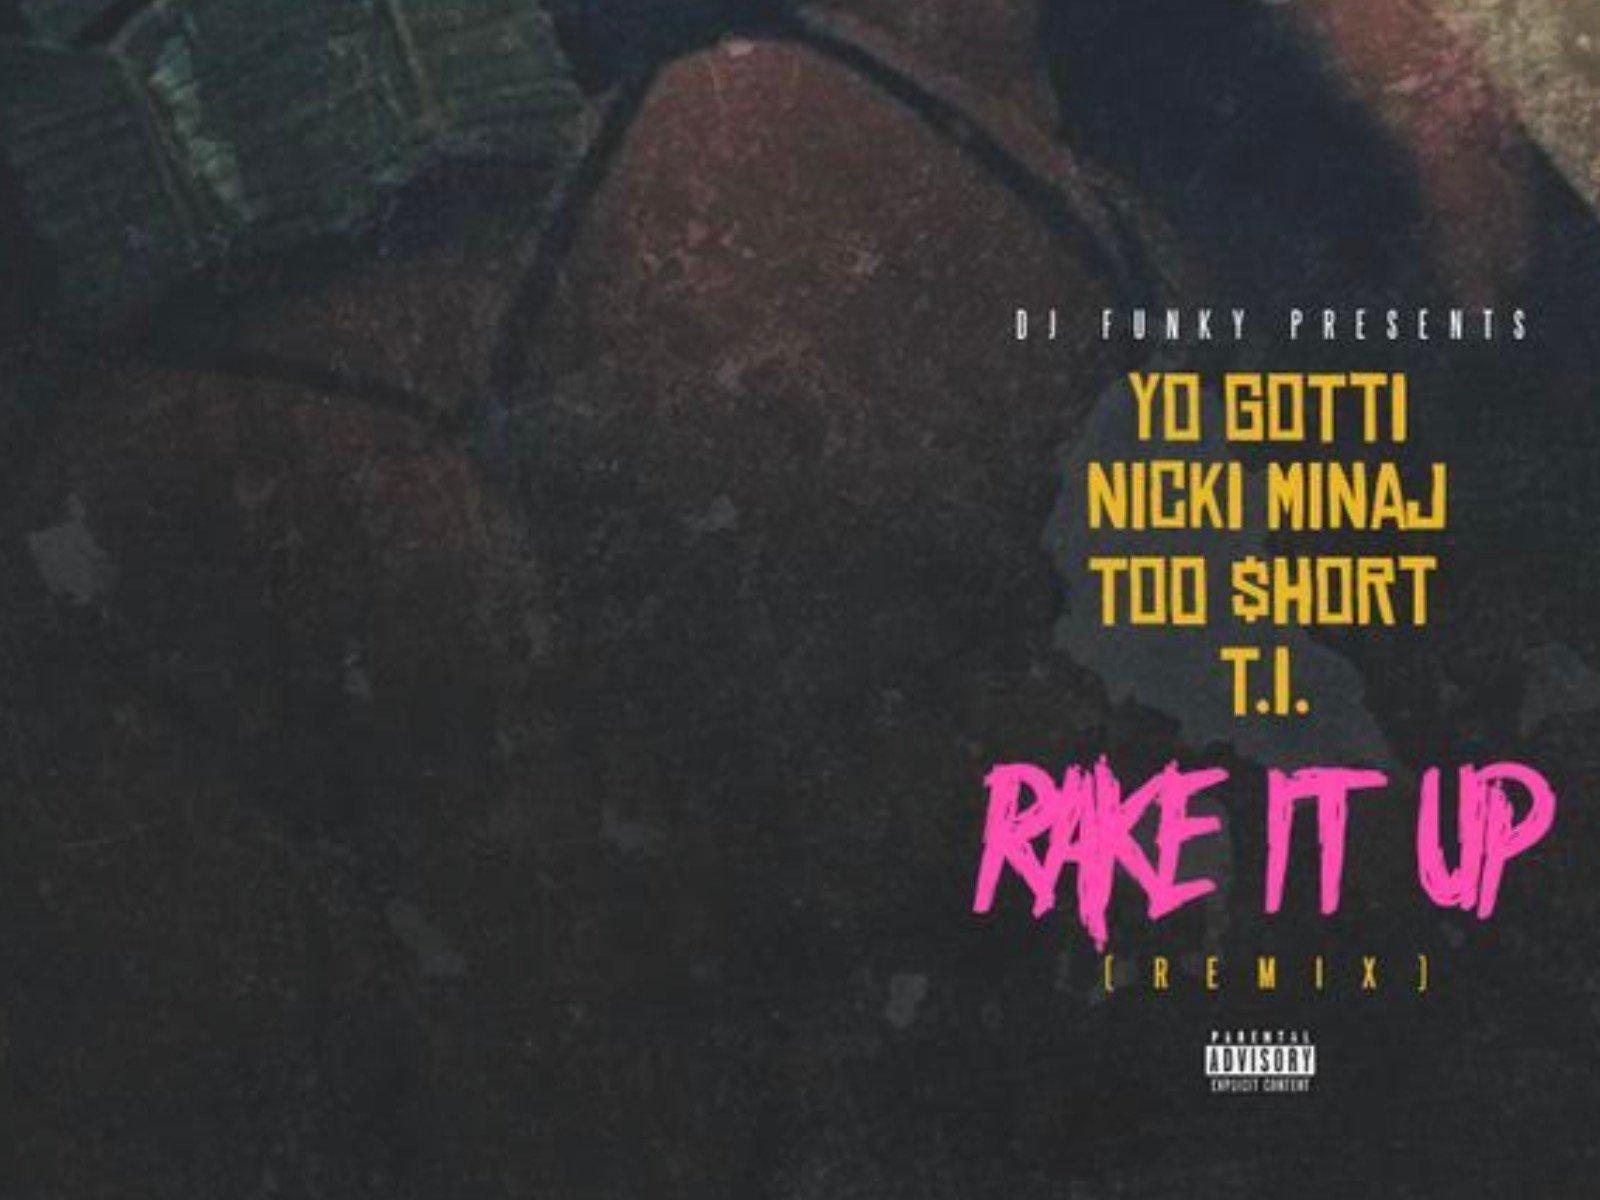 Rake It Up Remix